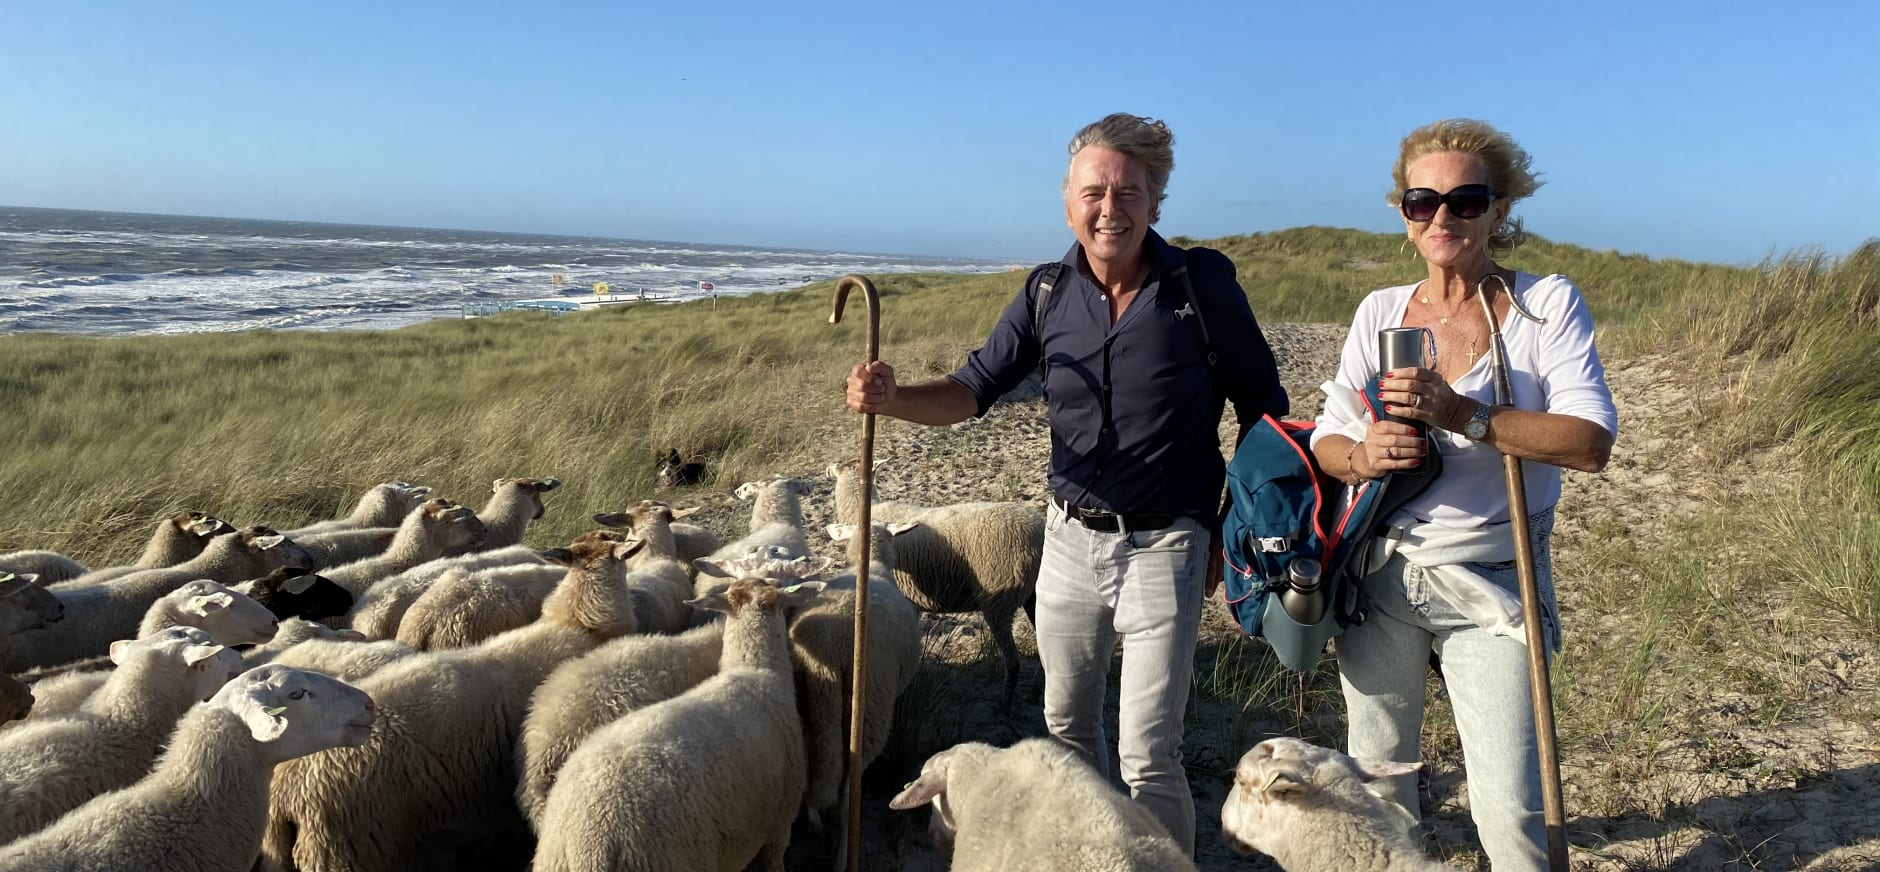 Tineke Schouten en Bert van Leeuwen tussen de schaapjes met uitzicht over zee